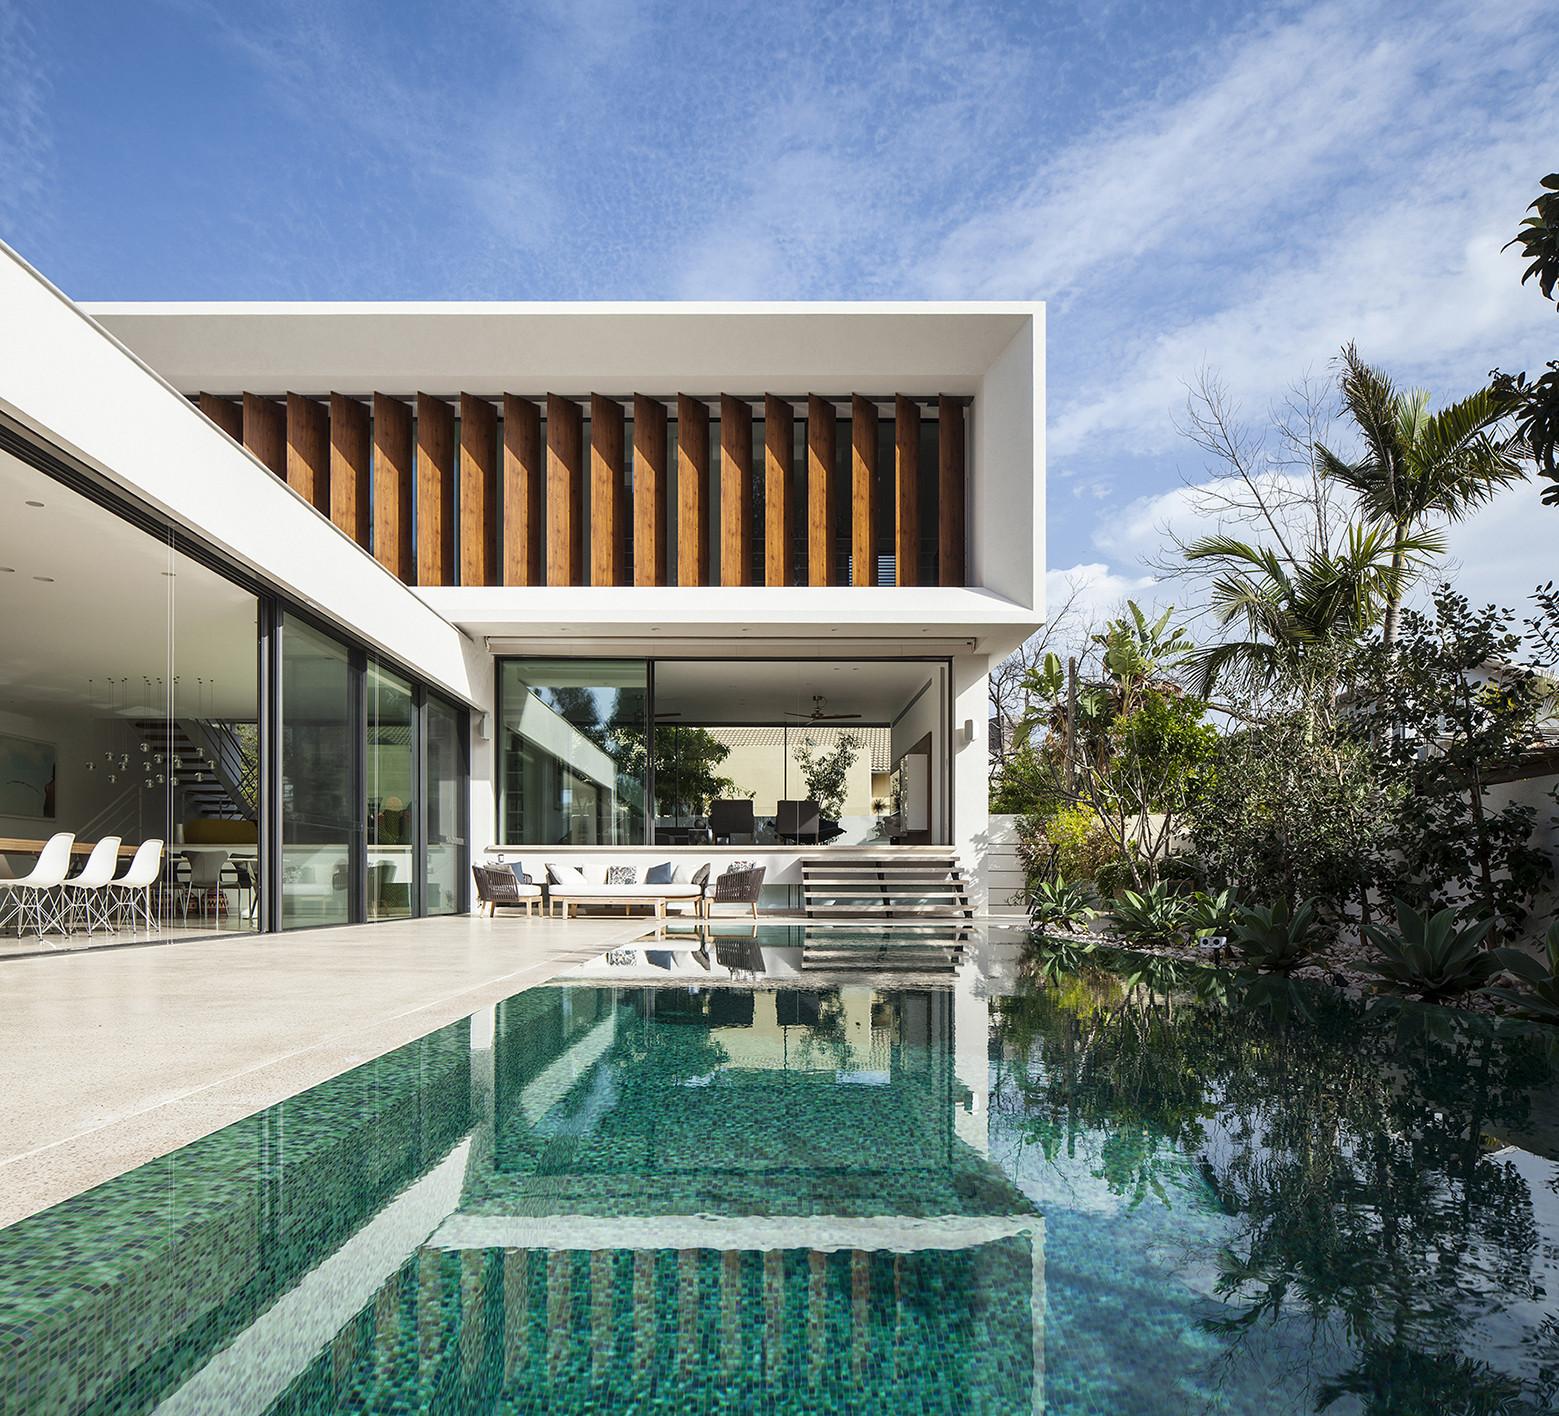 Modern Mediterranean Villa Architecture